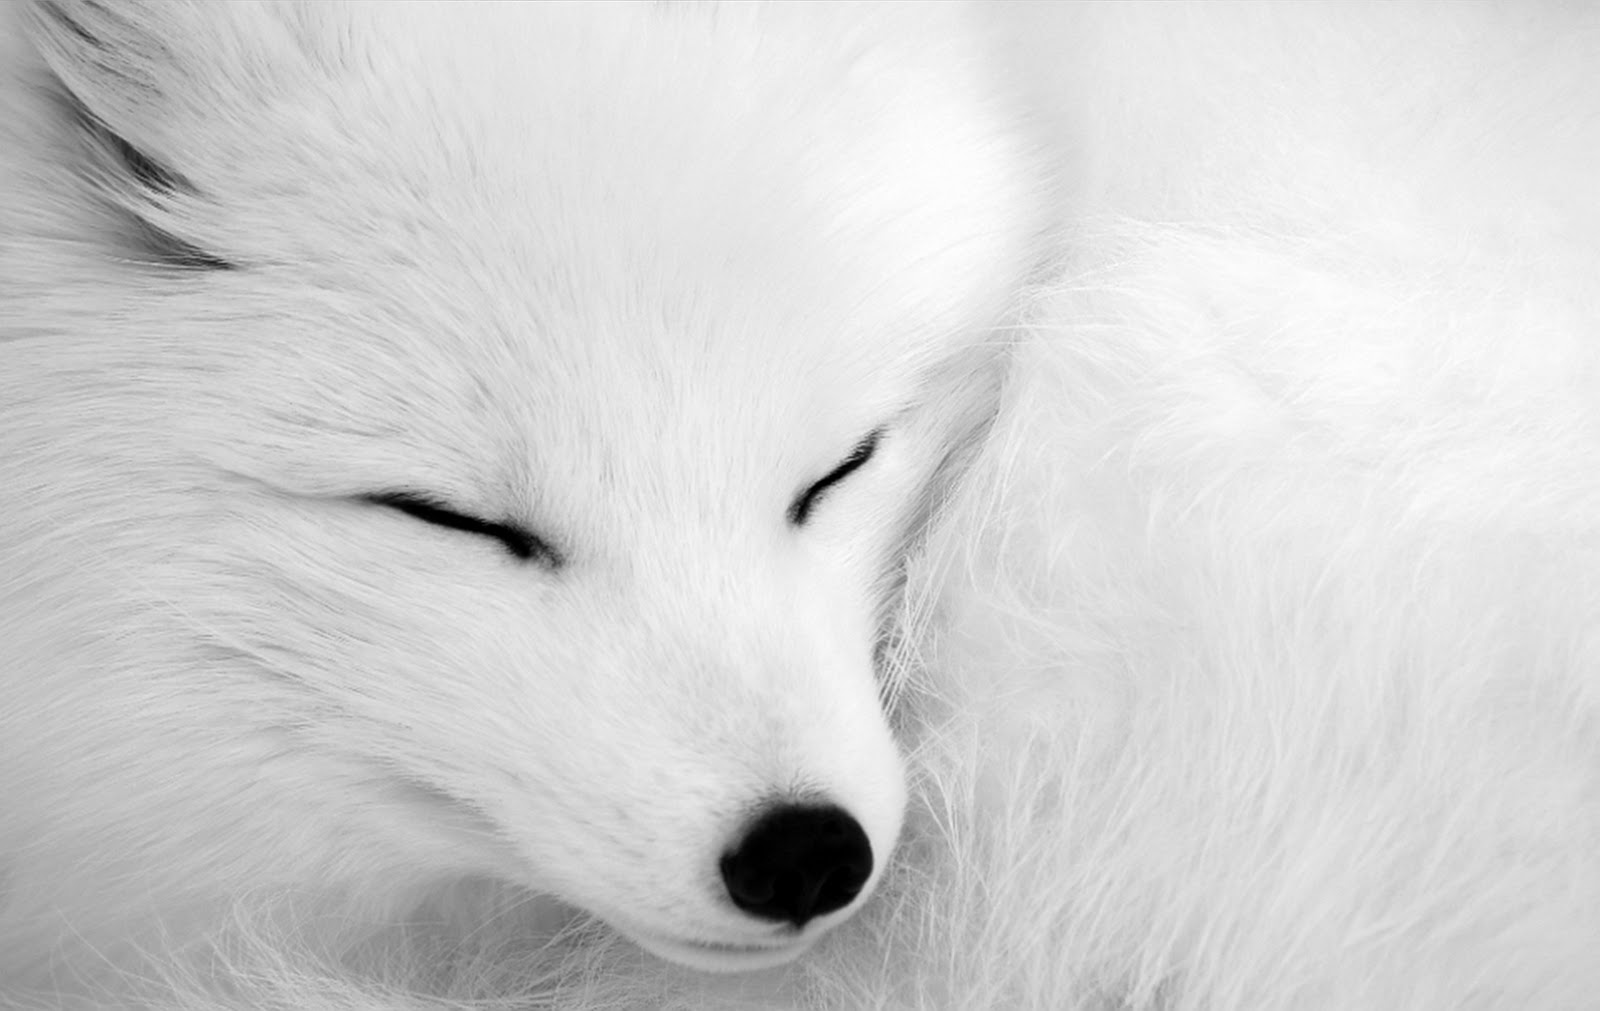 wolf wallpapers | wolf wallpaper | wallpaper wolf | wolves ... - photo#38